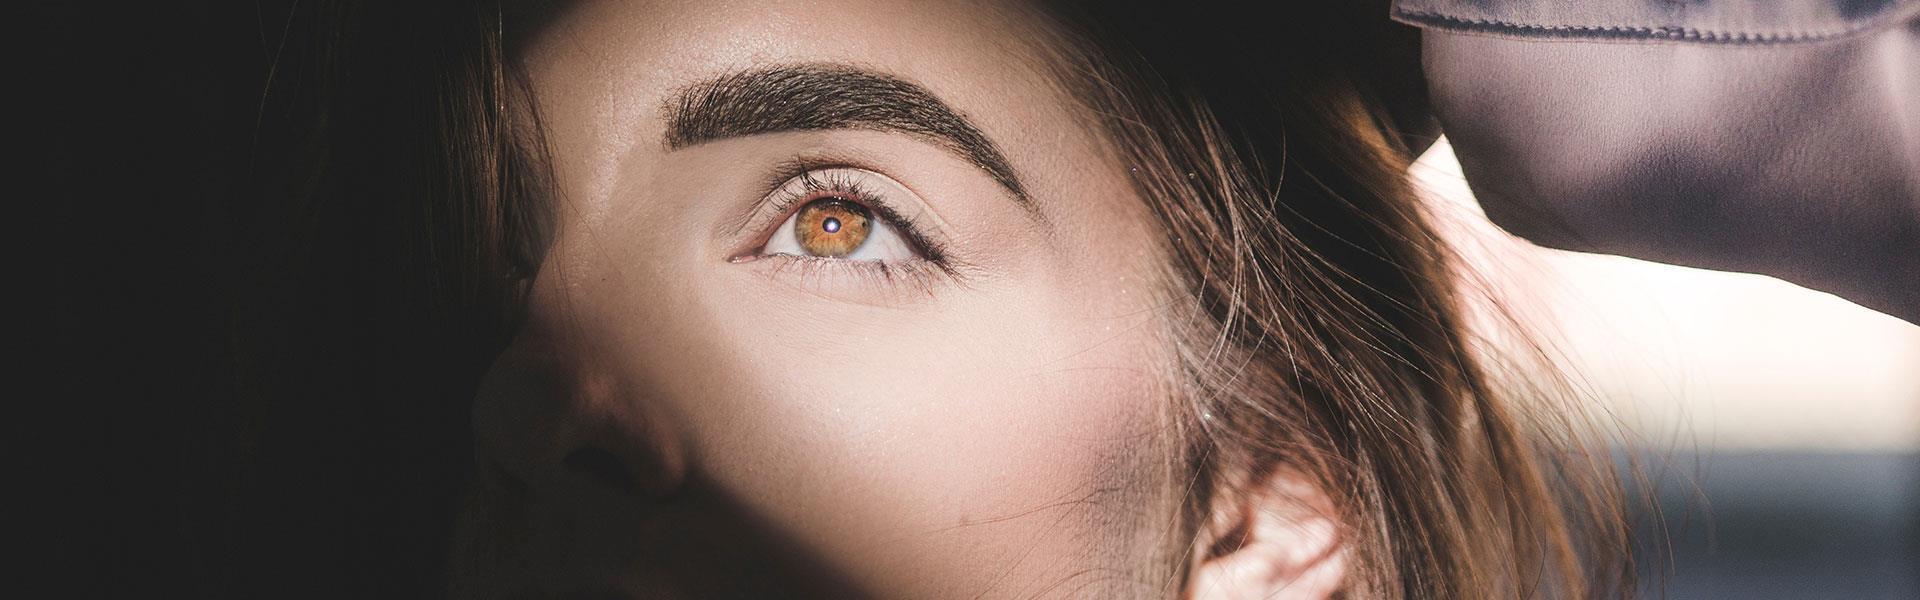 Taffy ögonbryn pigmentering